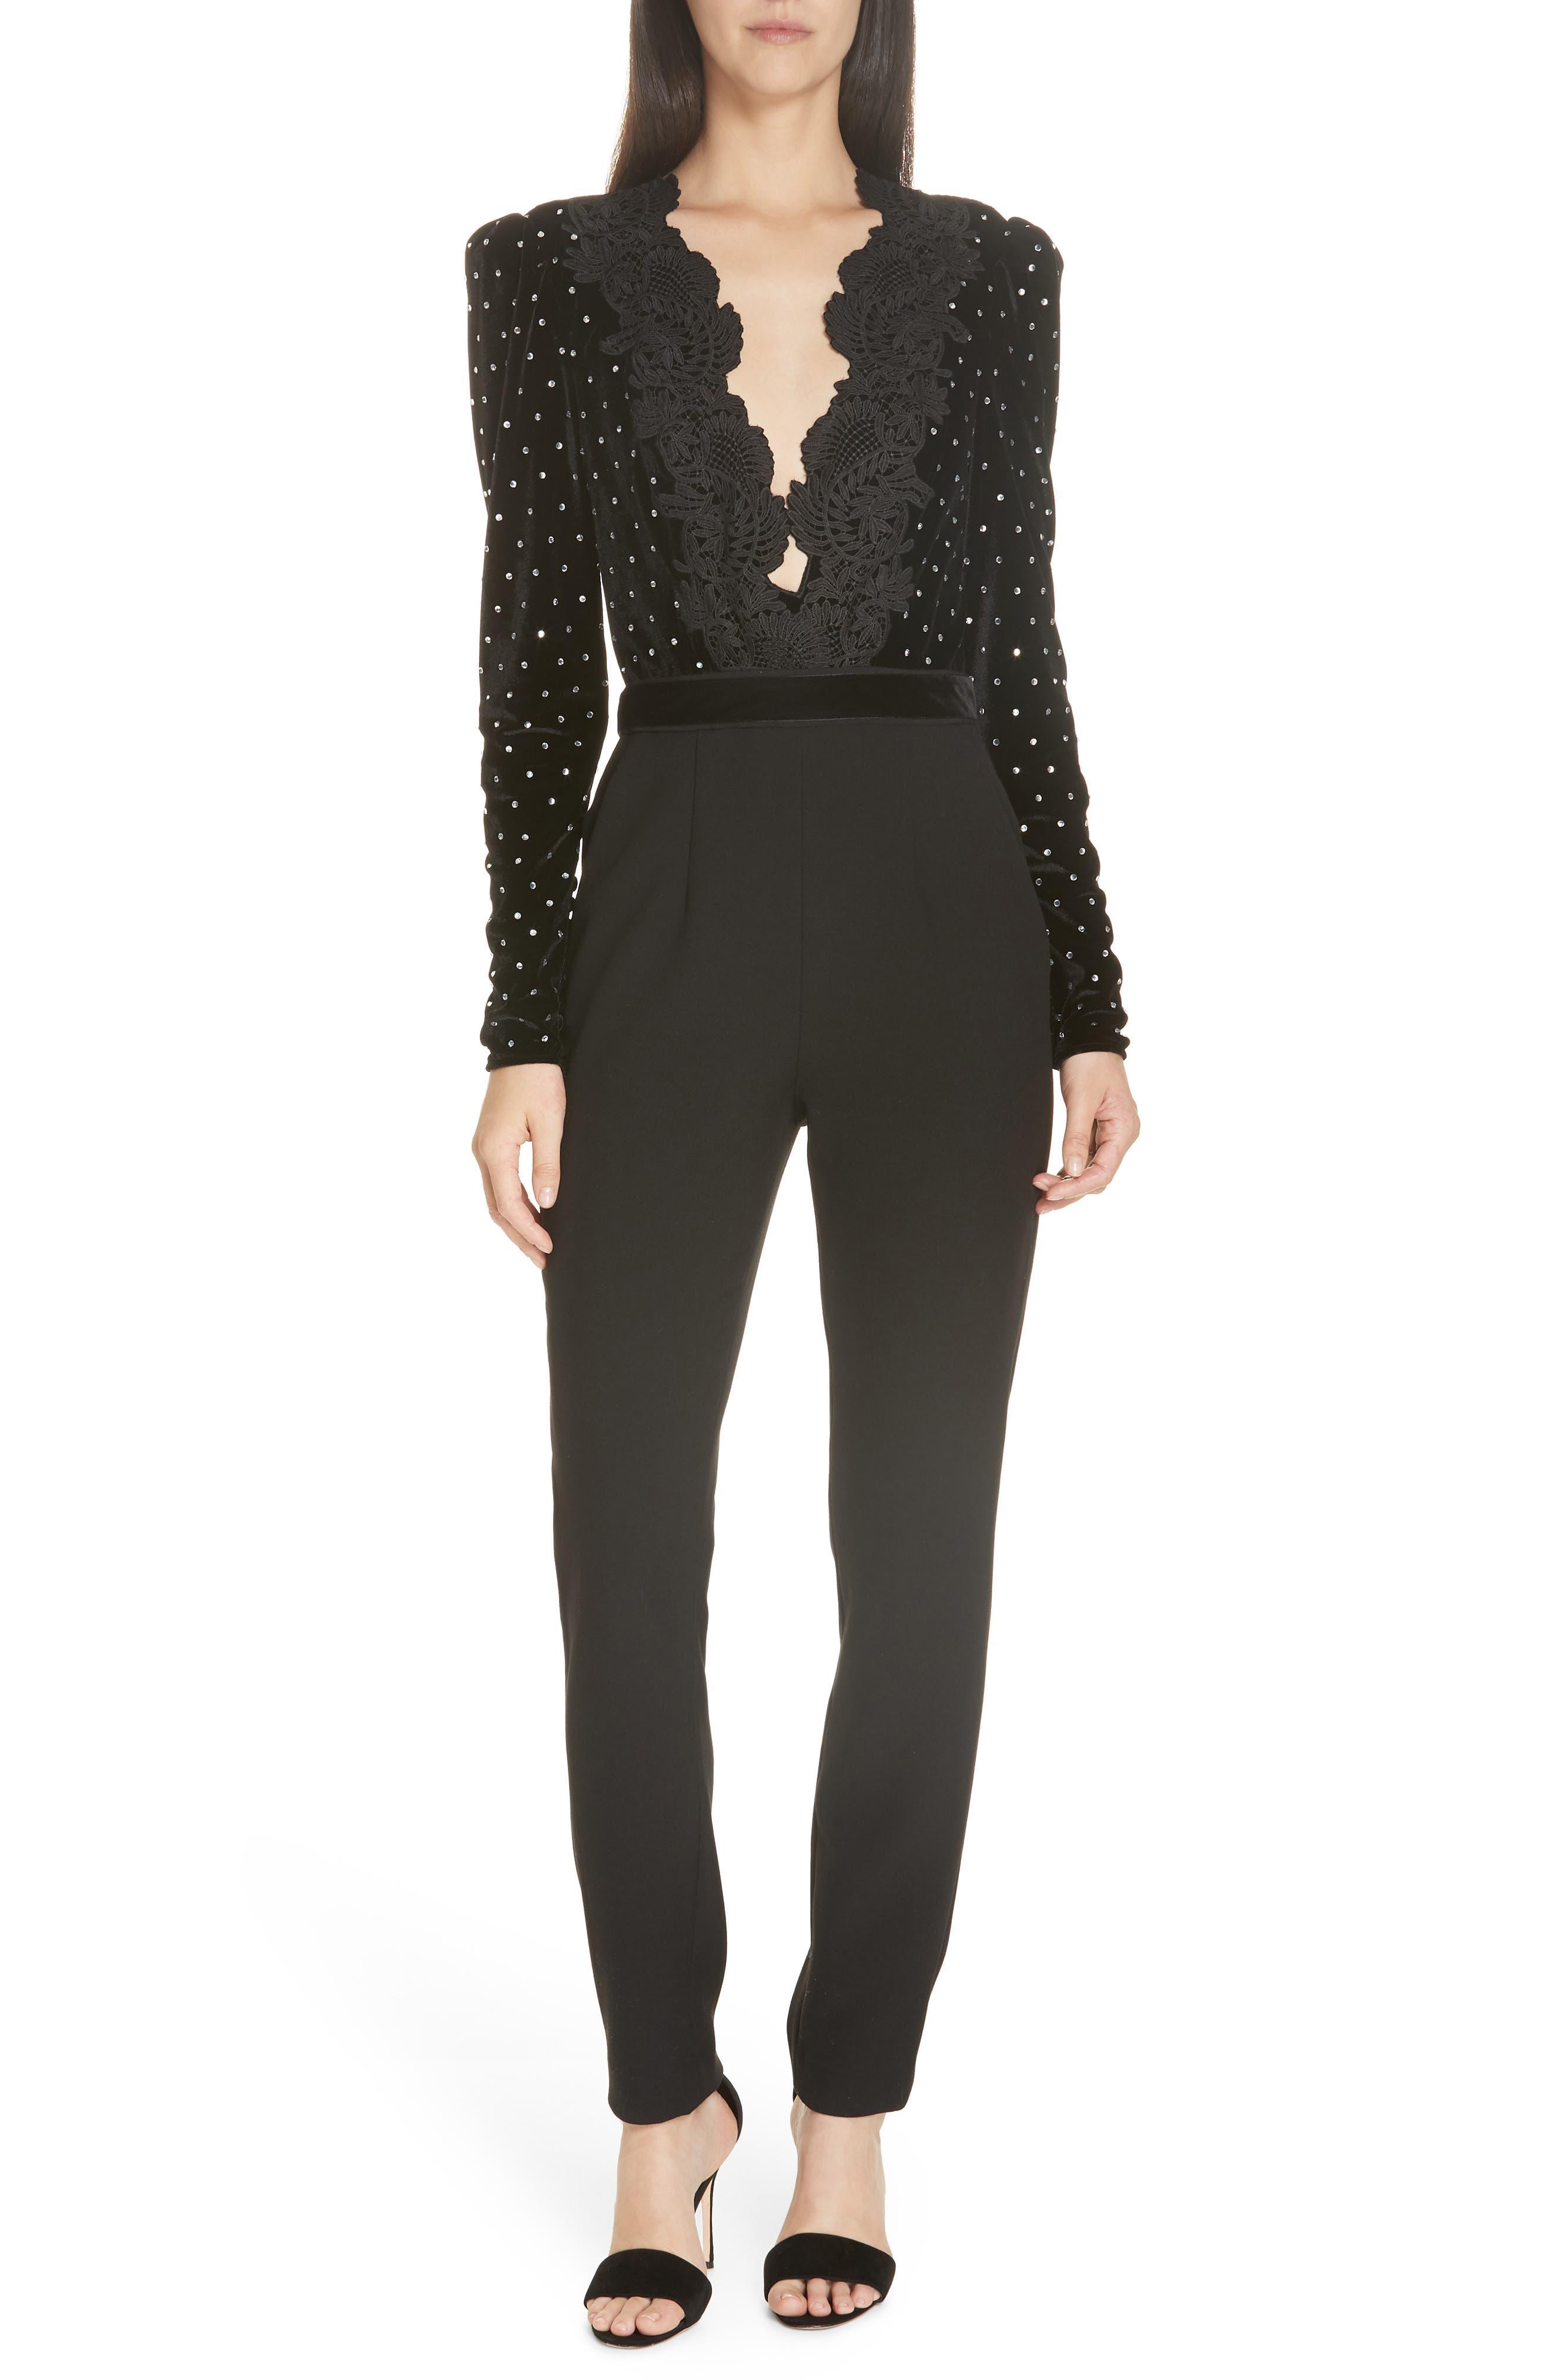 SELF-PORTRAIT, Lace Trim Velvet Diamante Jumpsuit, Main thumbnail 1, color, BLACK